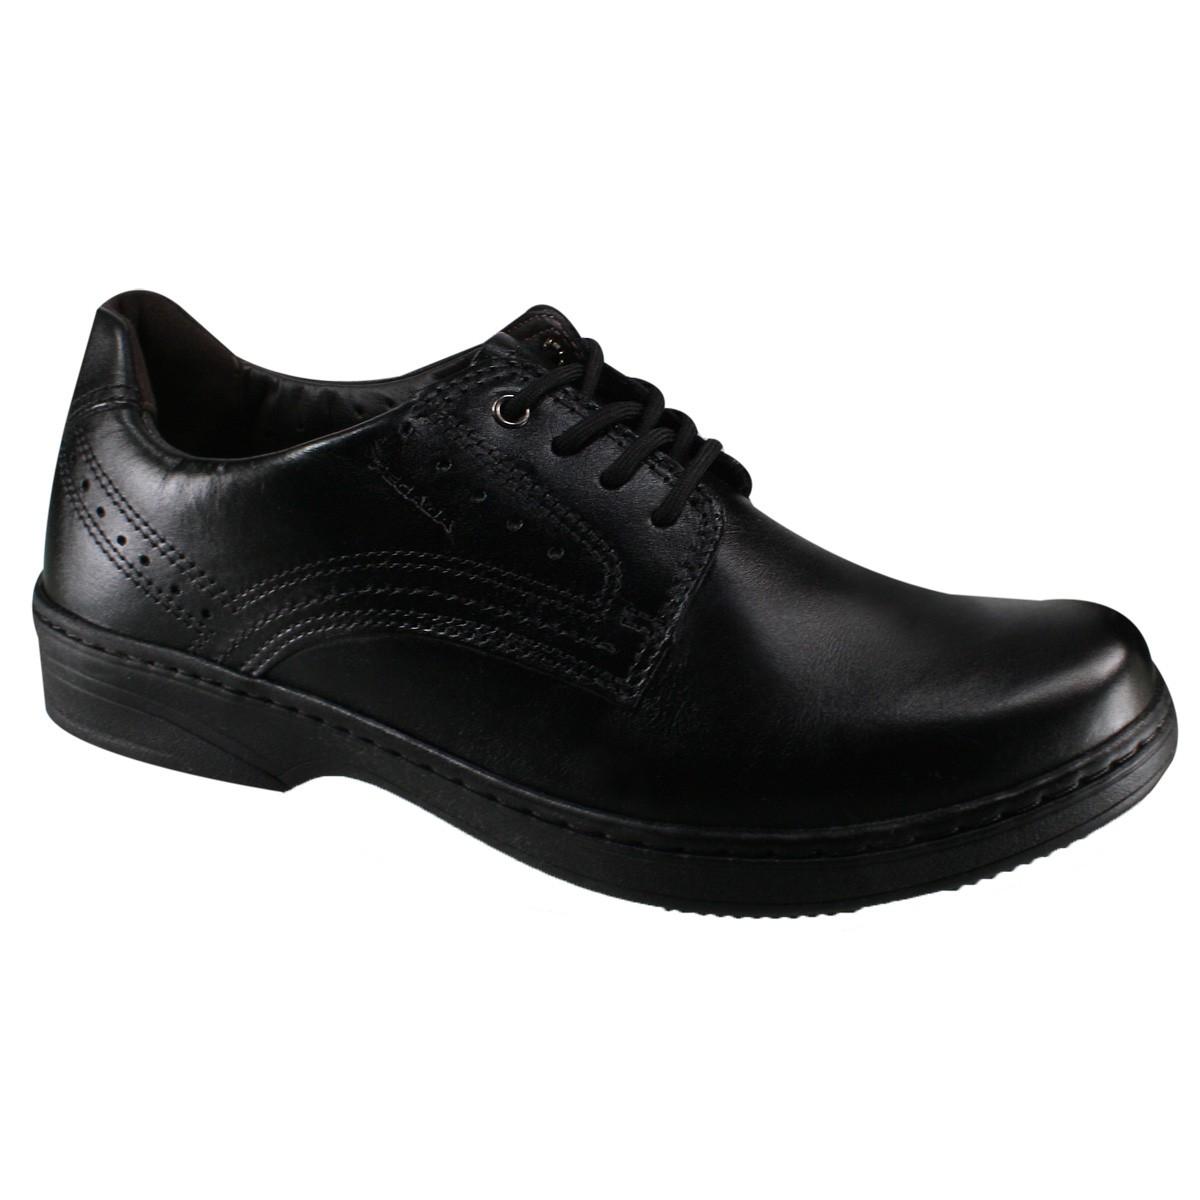 ecc325998b8 Sapato Social Pegada 21210-01 - Preto (Anilina) - Botas Online ...